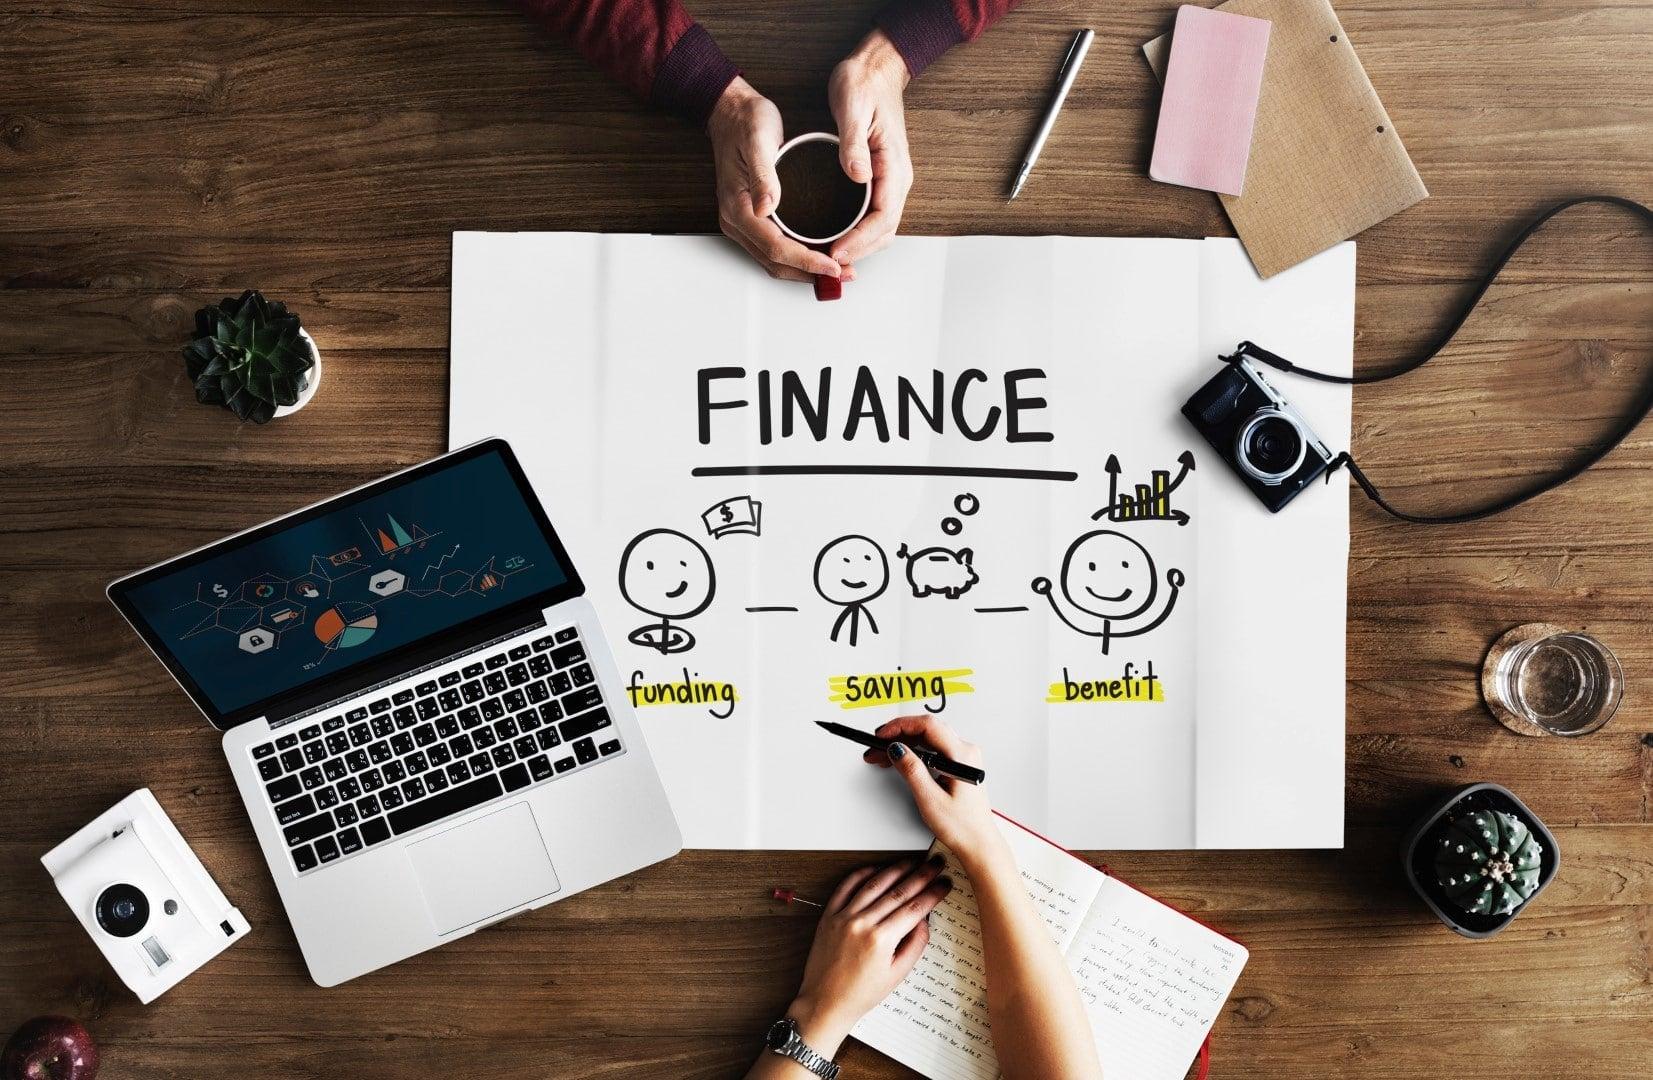 O que fazer se a vida espiritual vai mal por causa das finanças?